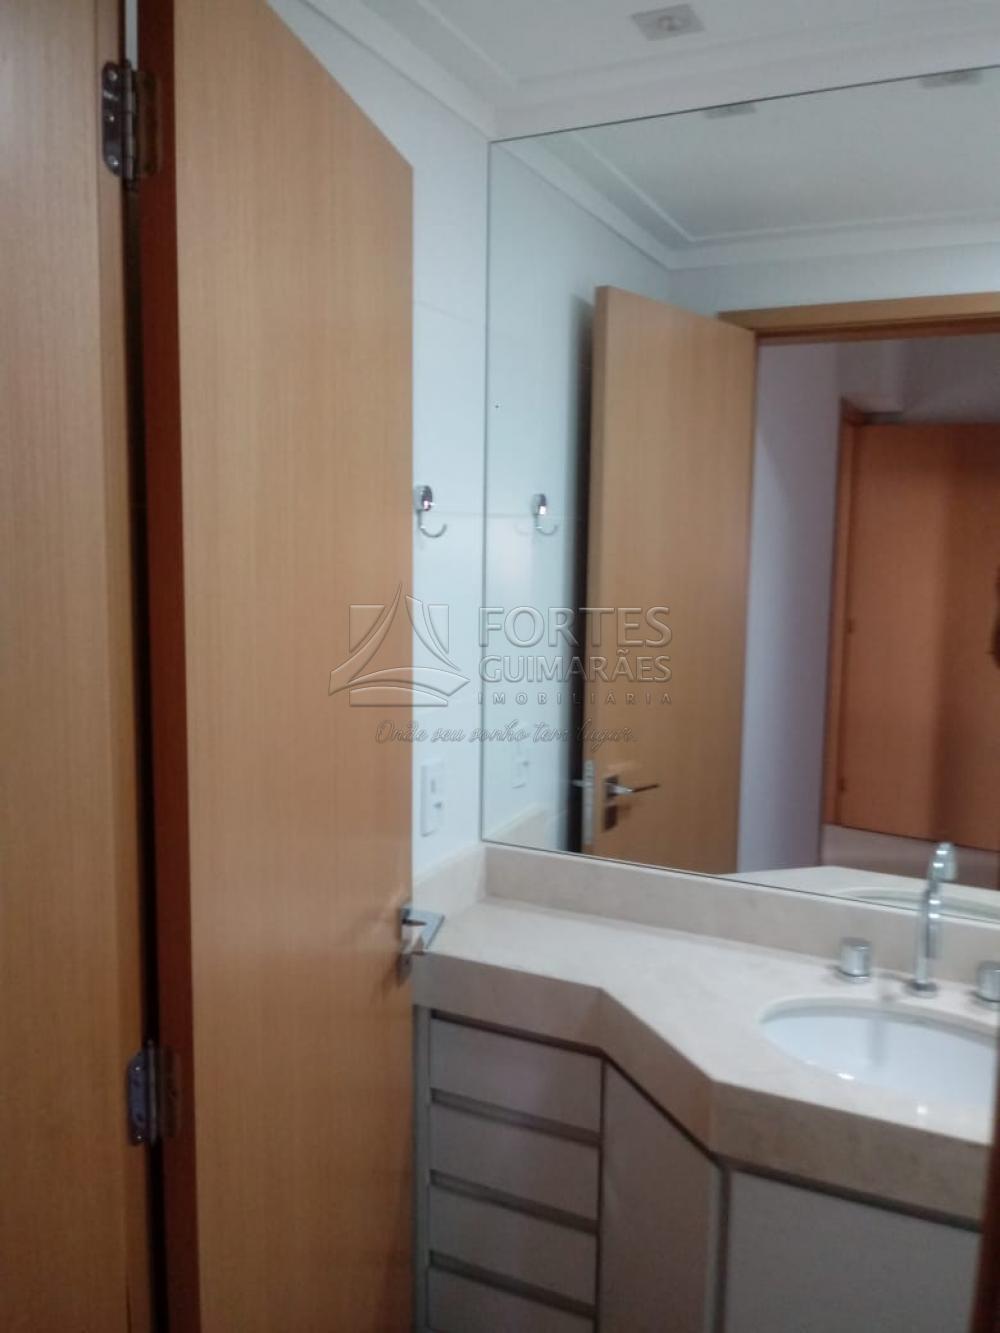 Alugar Apartamentos / Padrão em Ribeirão Preto apenas R$ 3.200,00 - Foto 23